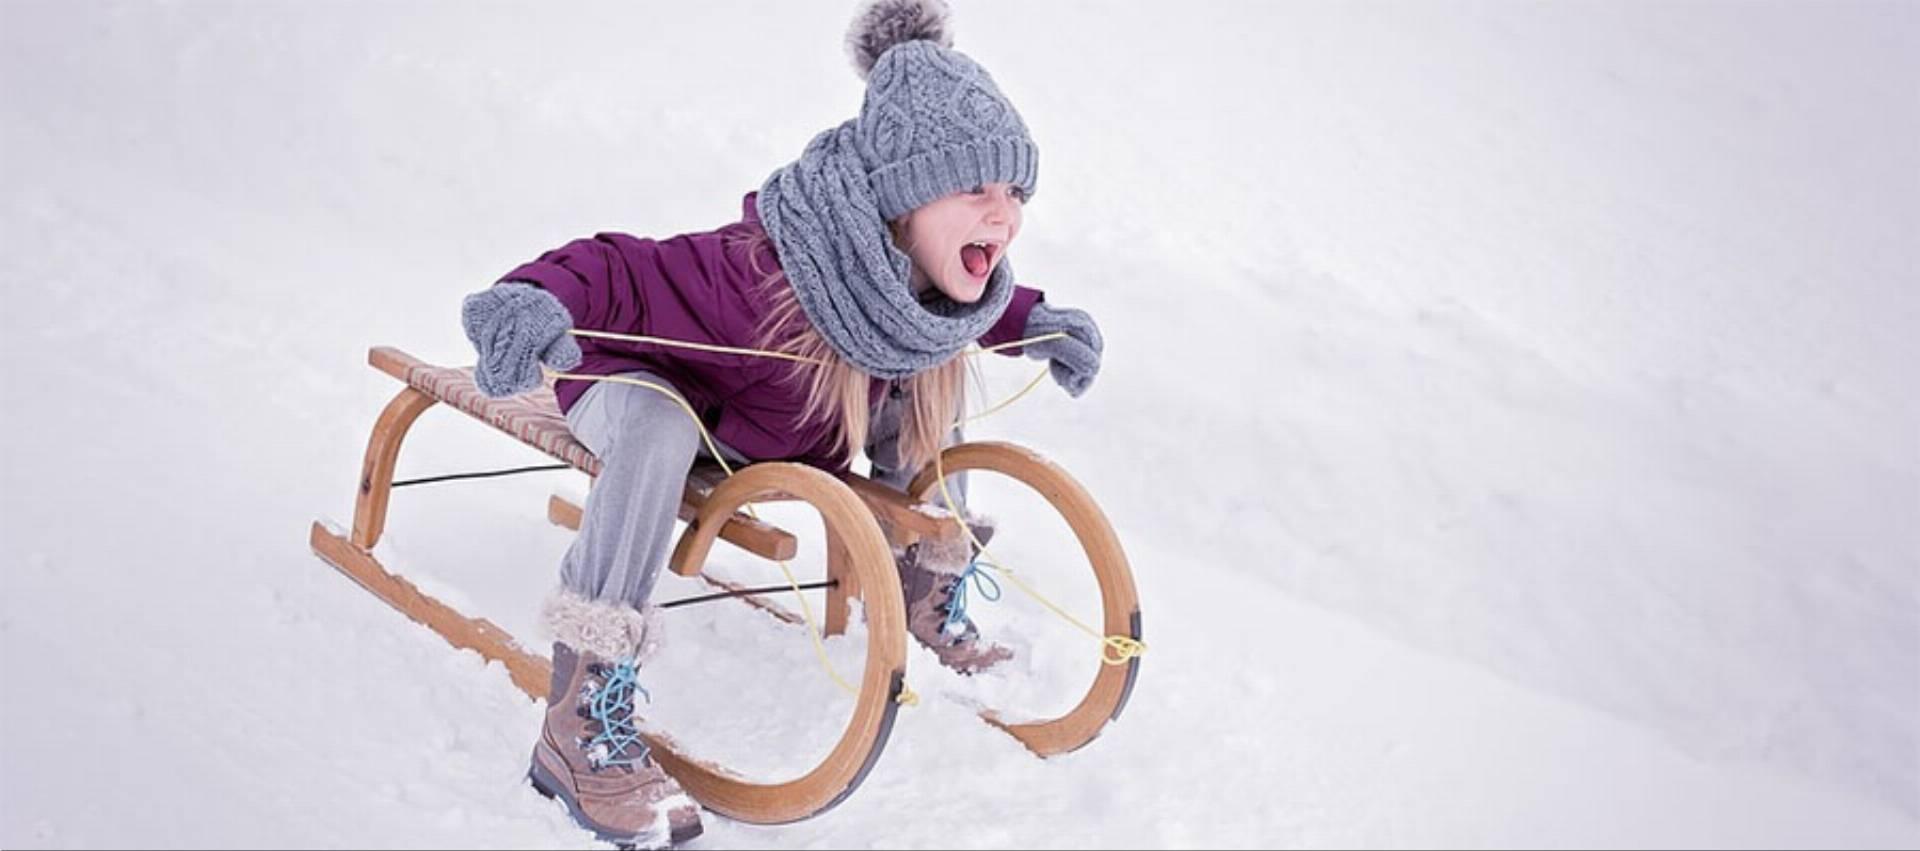 dzieci-sanki-zima-snieg